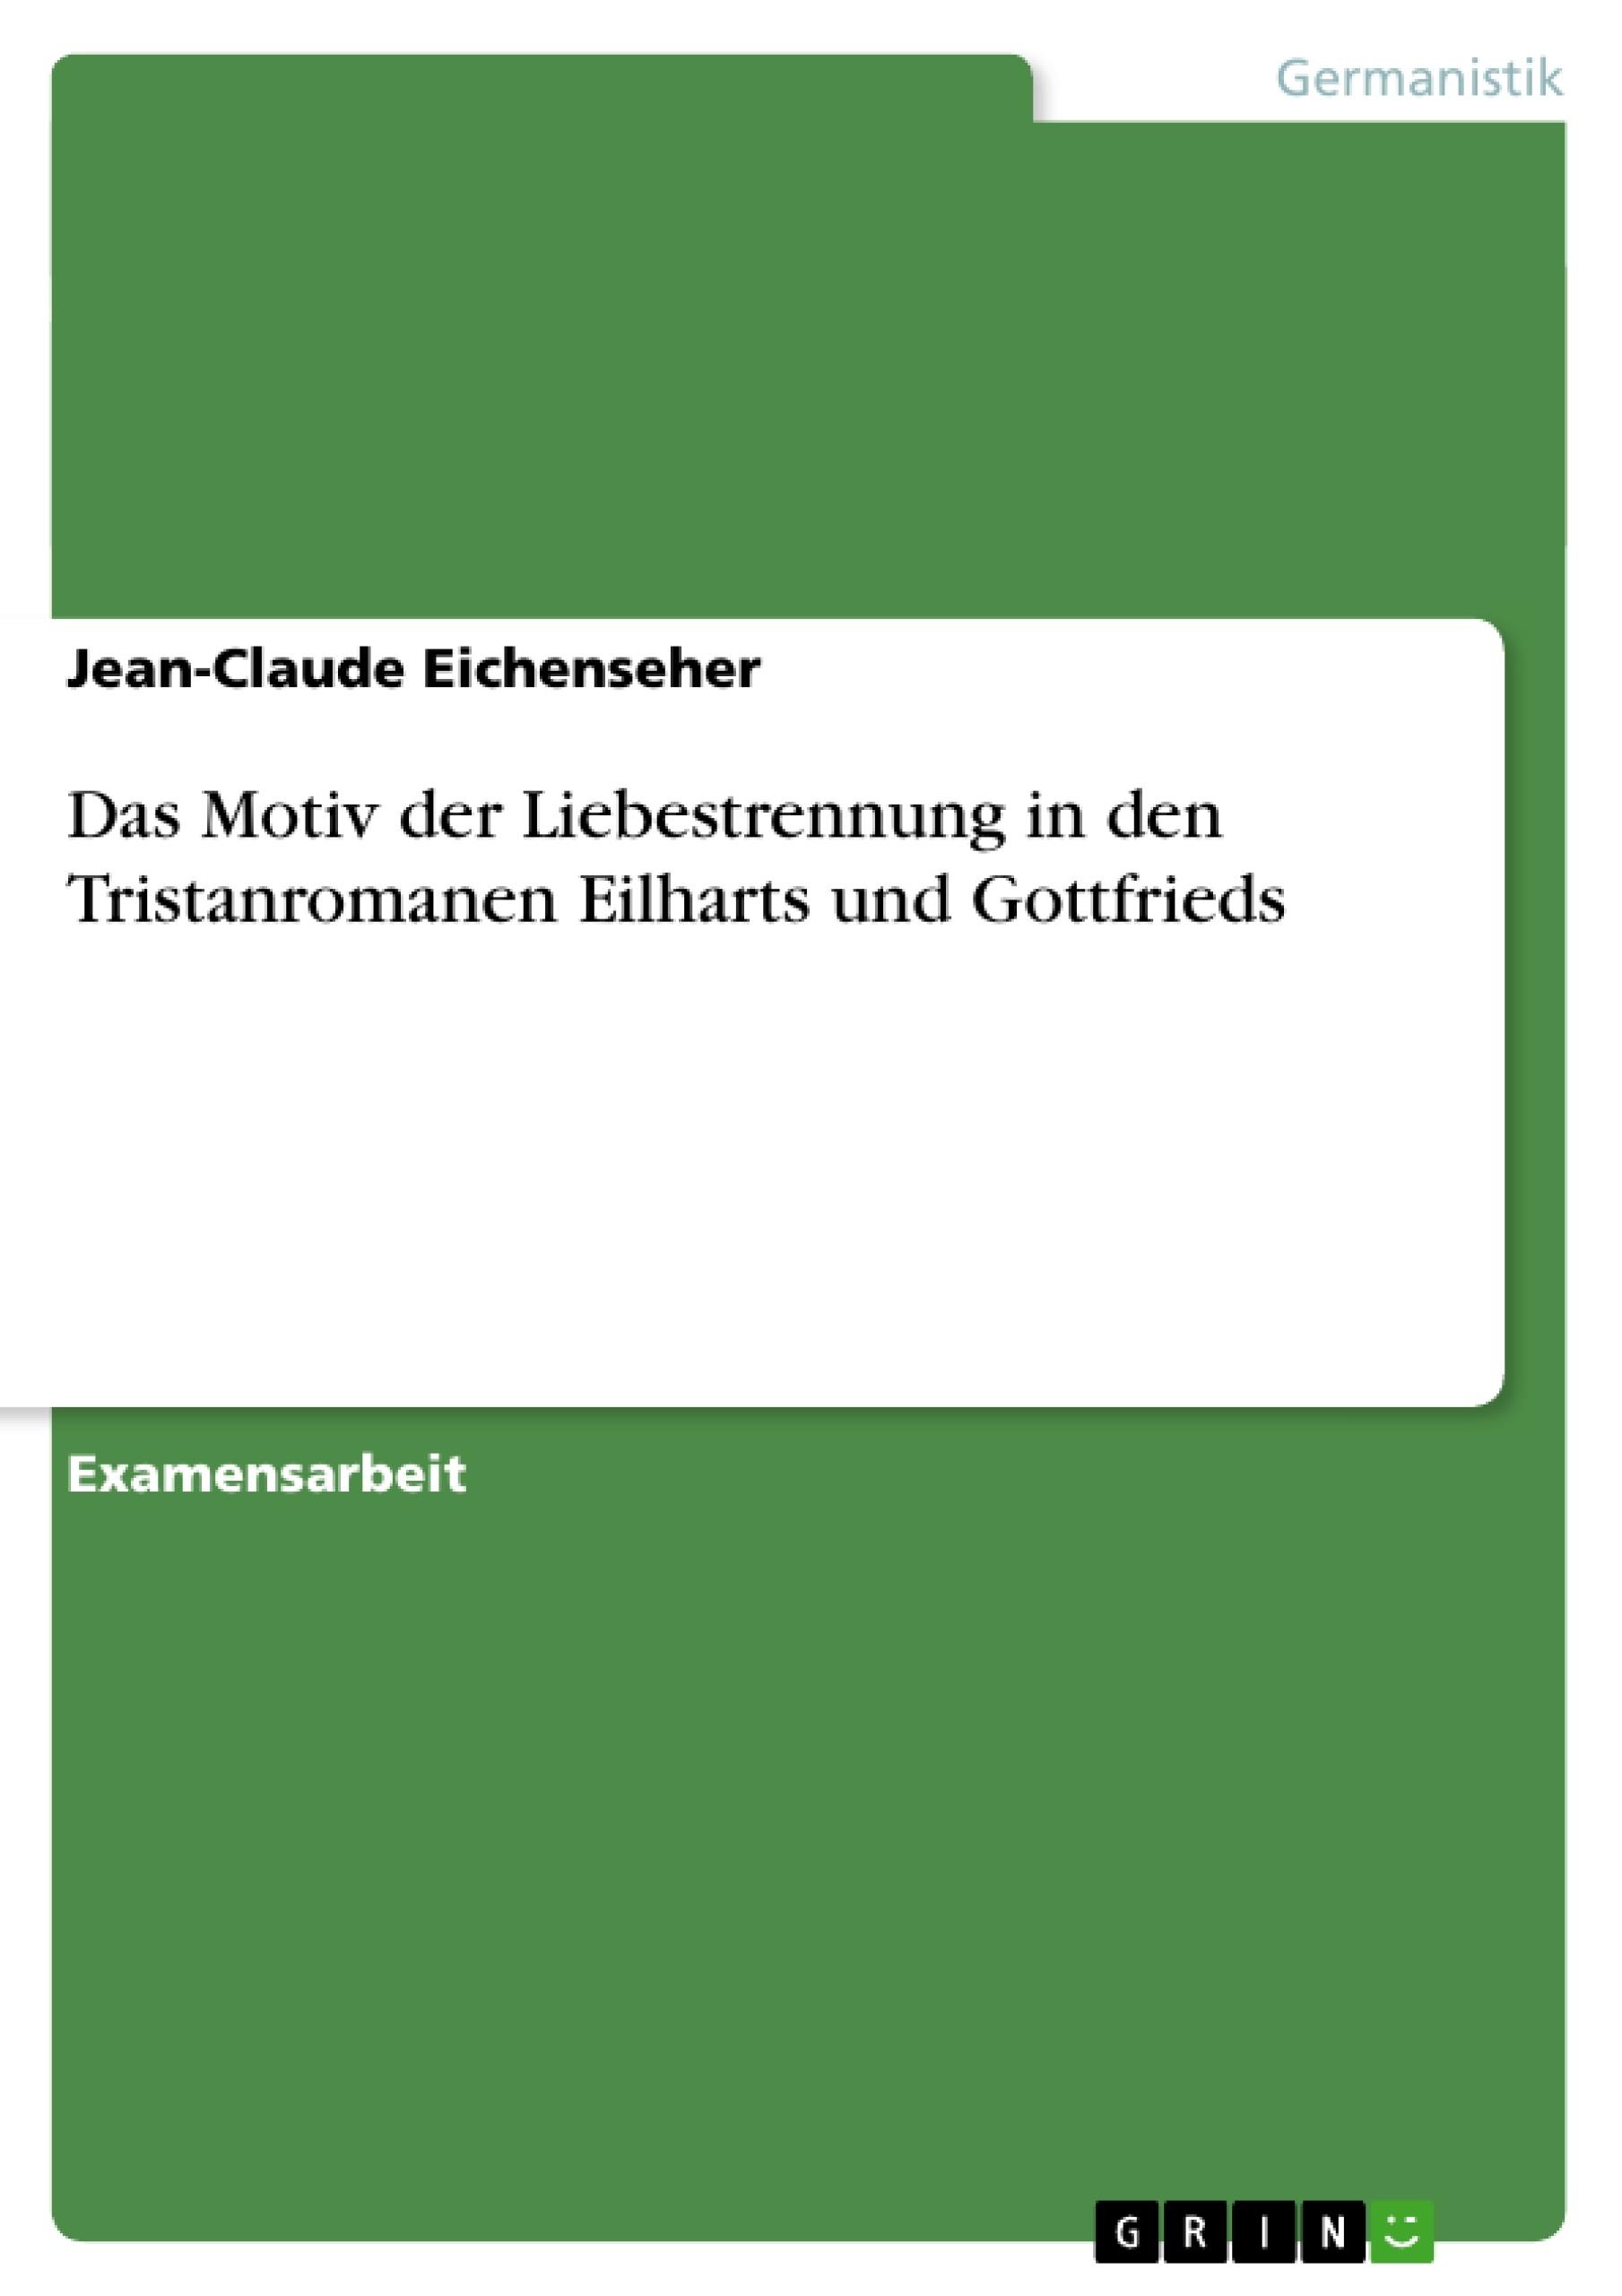 Titel: Das Motiv der Liebestrennung in den Tristanromanen Eilharts und Gottfrieds